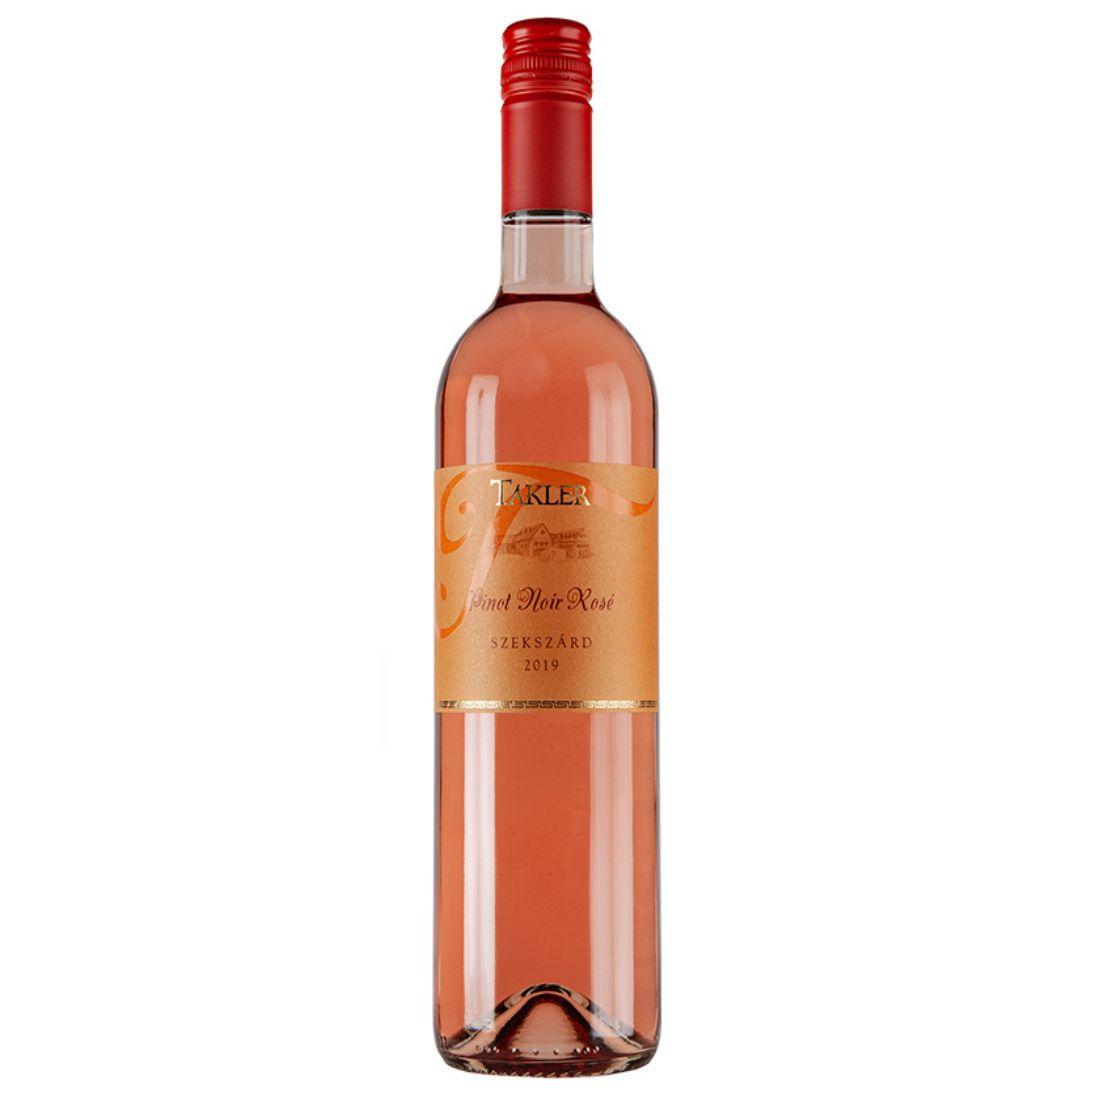 Takler Pinot Noir Rozé 2020 0,75l Szekszárd